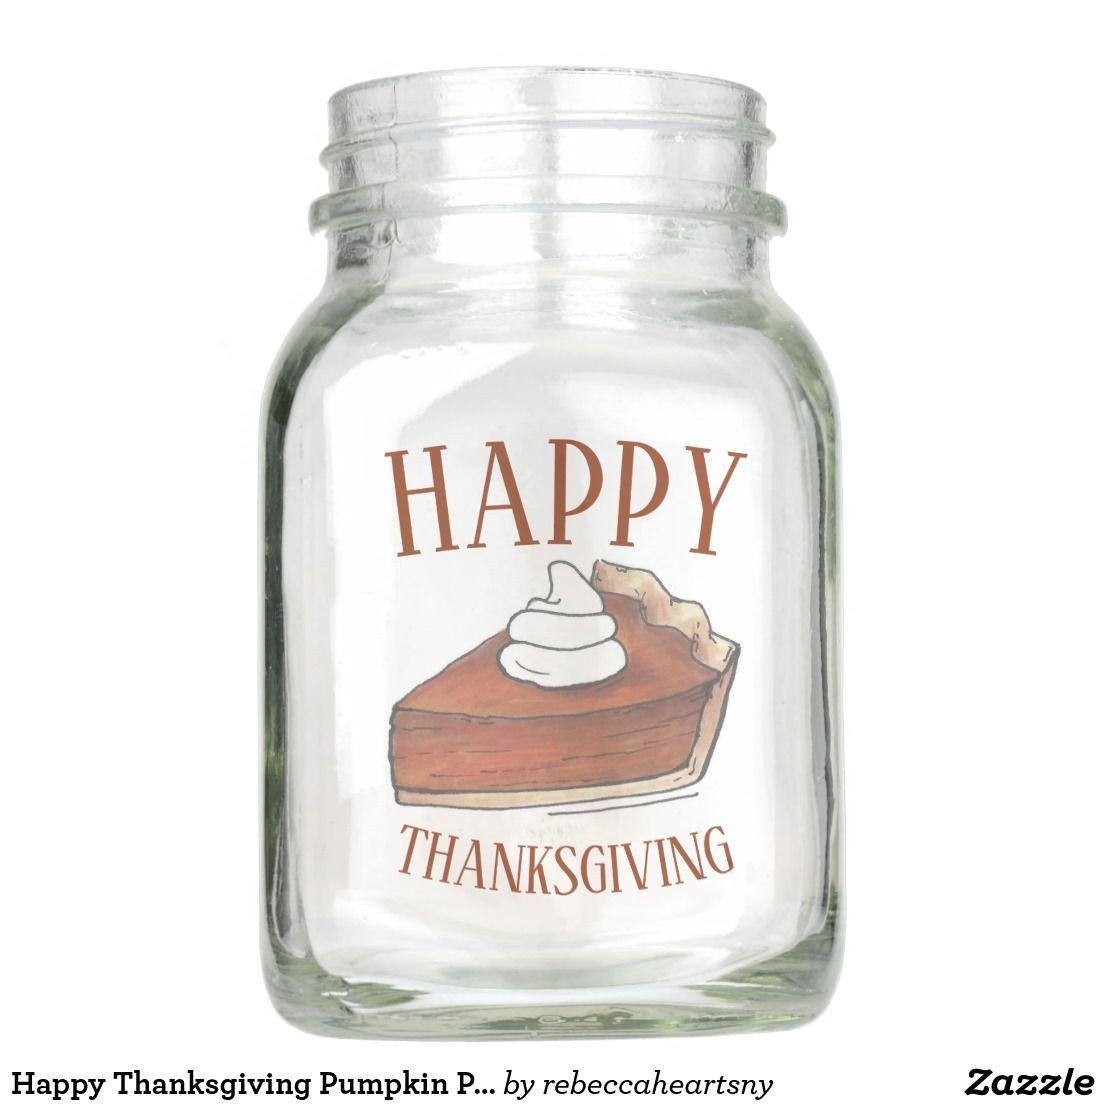 Happy Thanksgiving Pumpkin Pie Slice Centerpiece Mason Jar 713398397206814487